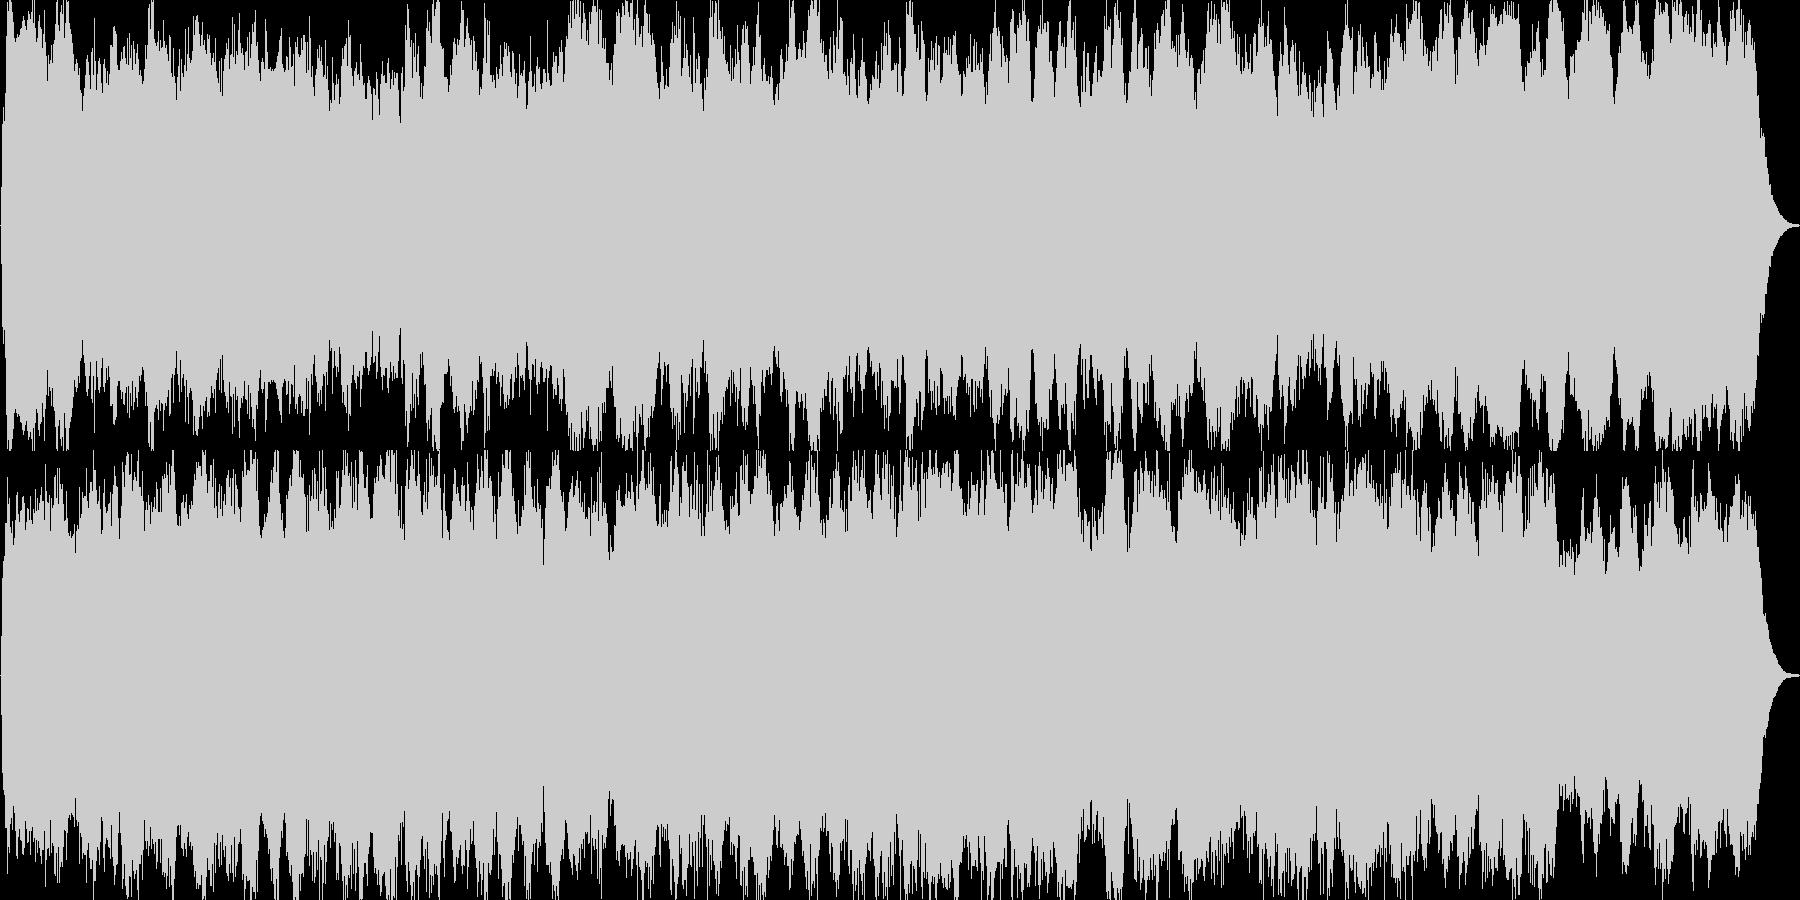 パイプオルガンのバロック調の曲の未再生の波形